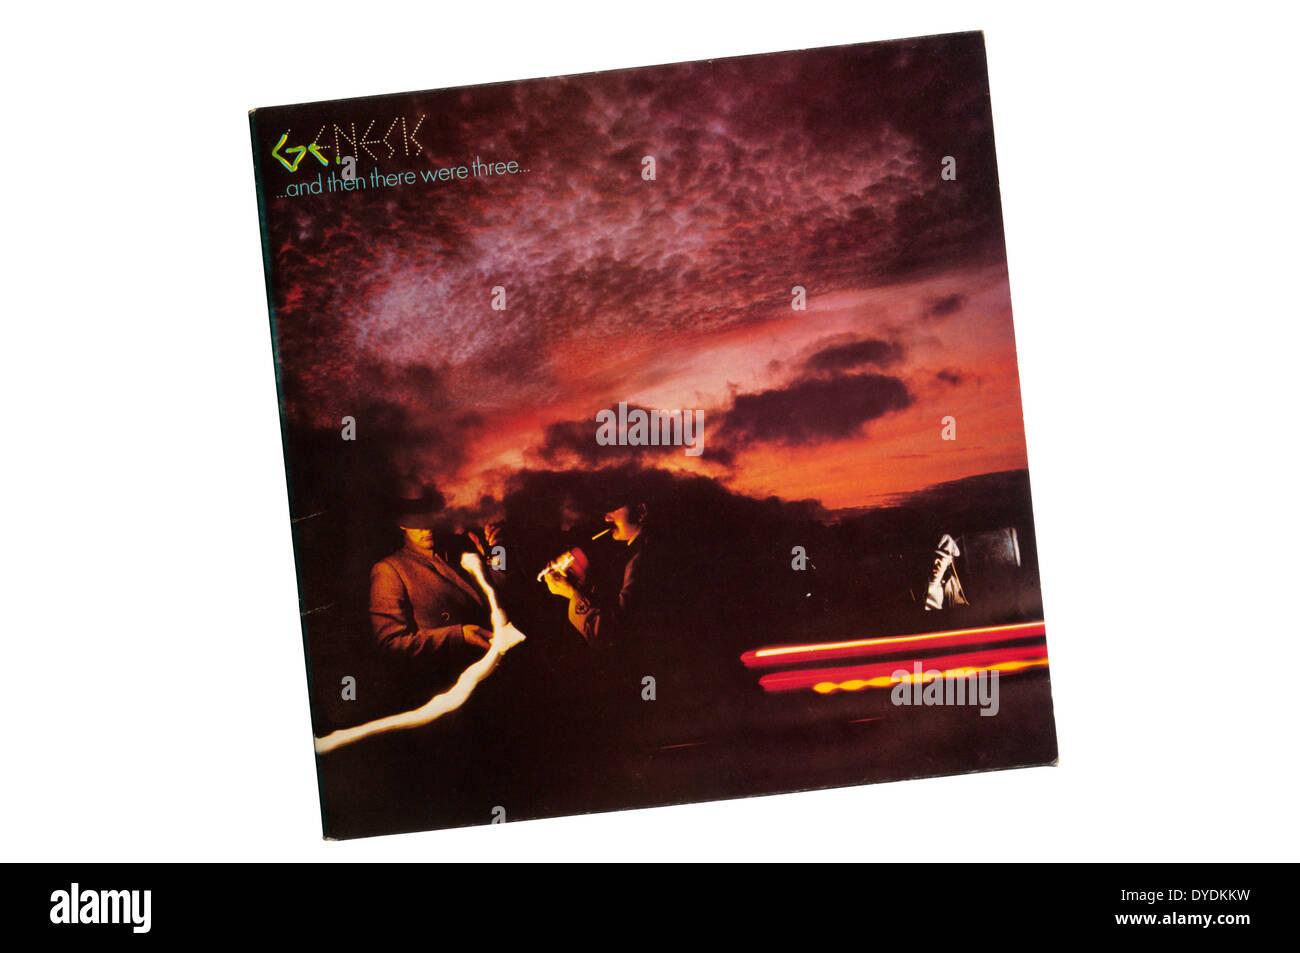 Et puis il y avait trois était le 9e album studio du groupe britannique Genesis, et leur premier en trio. Il a été publié en 1978. Photo Stock